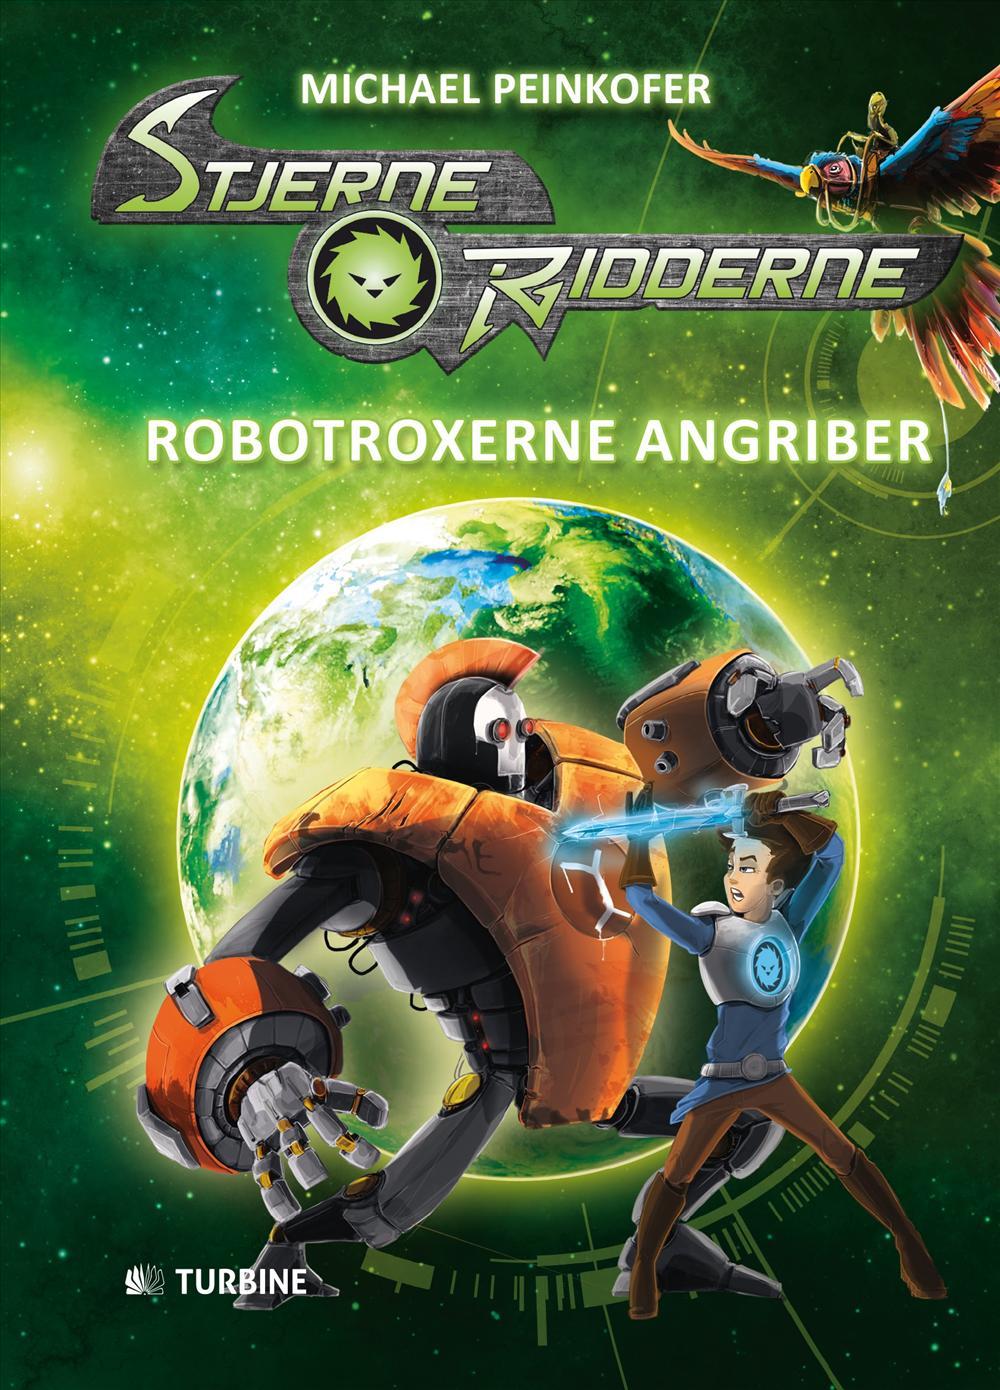 Stjerneridderne - RoboTroxerne angriber